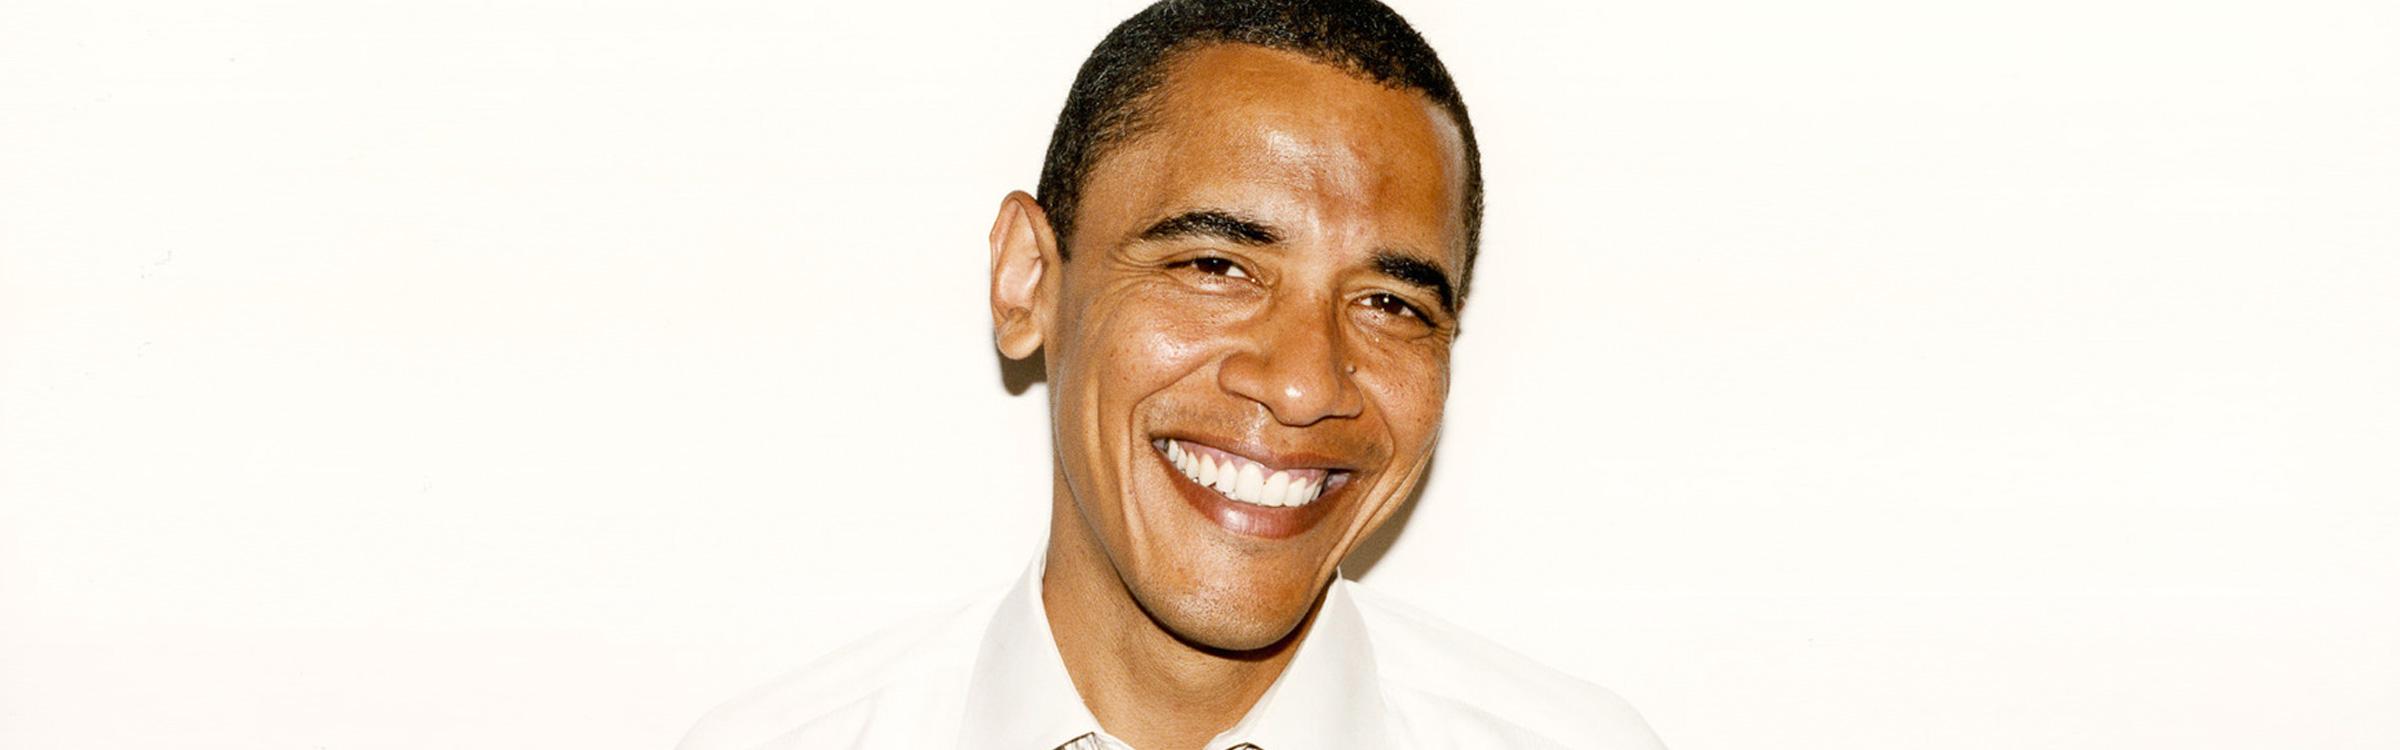 Obama2400